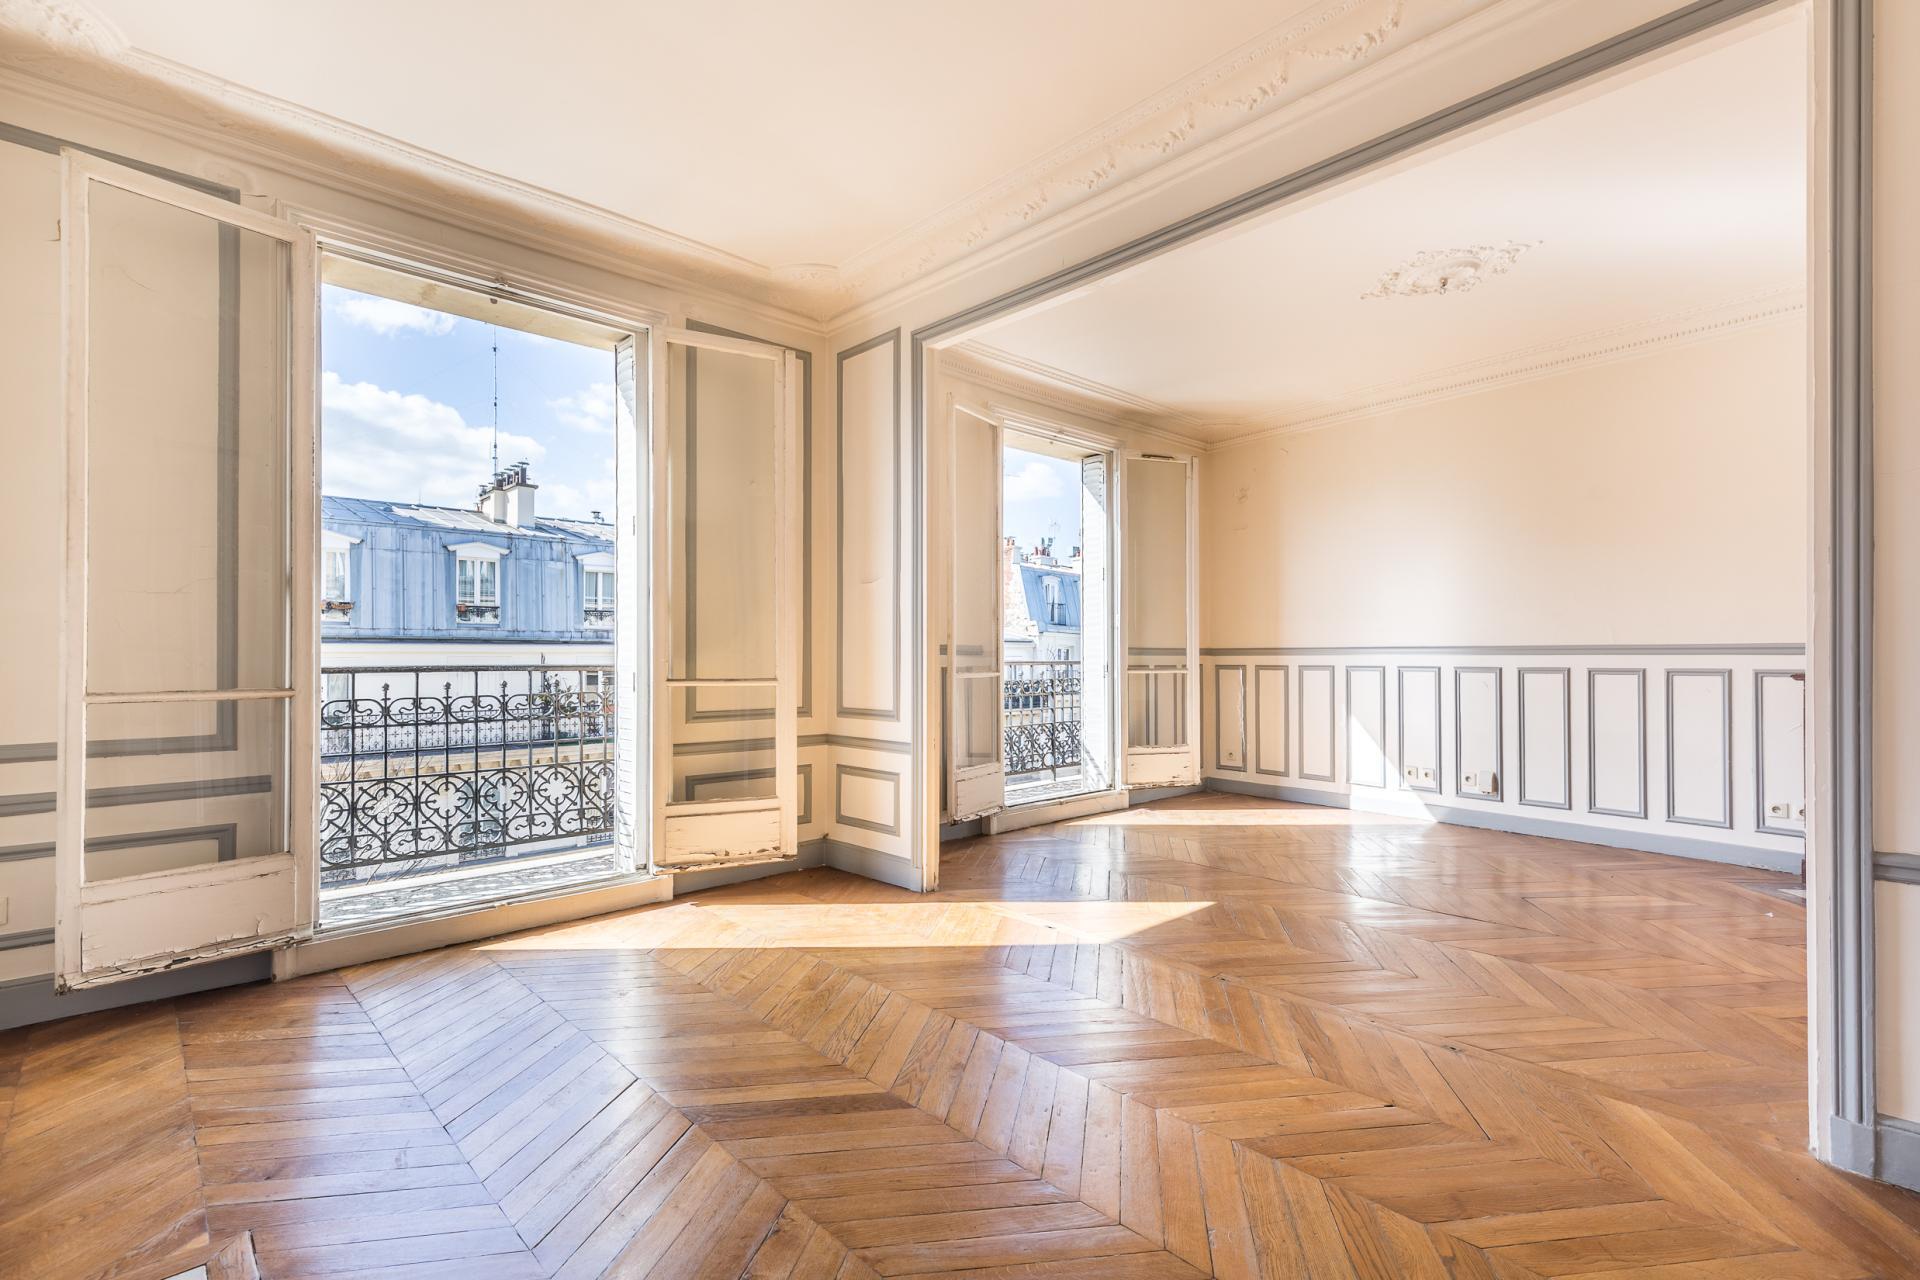 PARIS 18EME - MAIRIE DU 18EME - RUE ORDENER - APPARTEMENT FAMILIAL TROIS CHAMBRES - BALCON FILANT